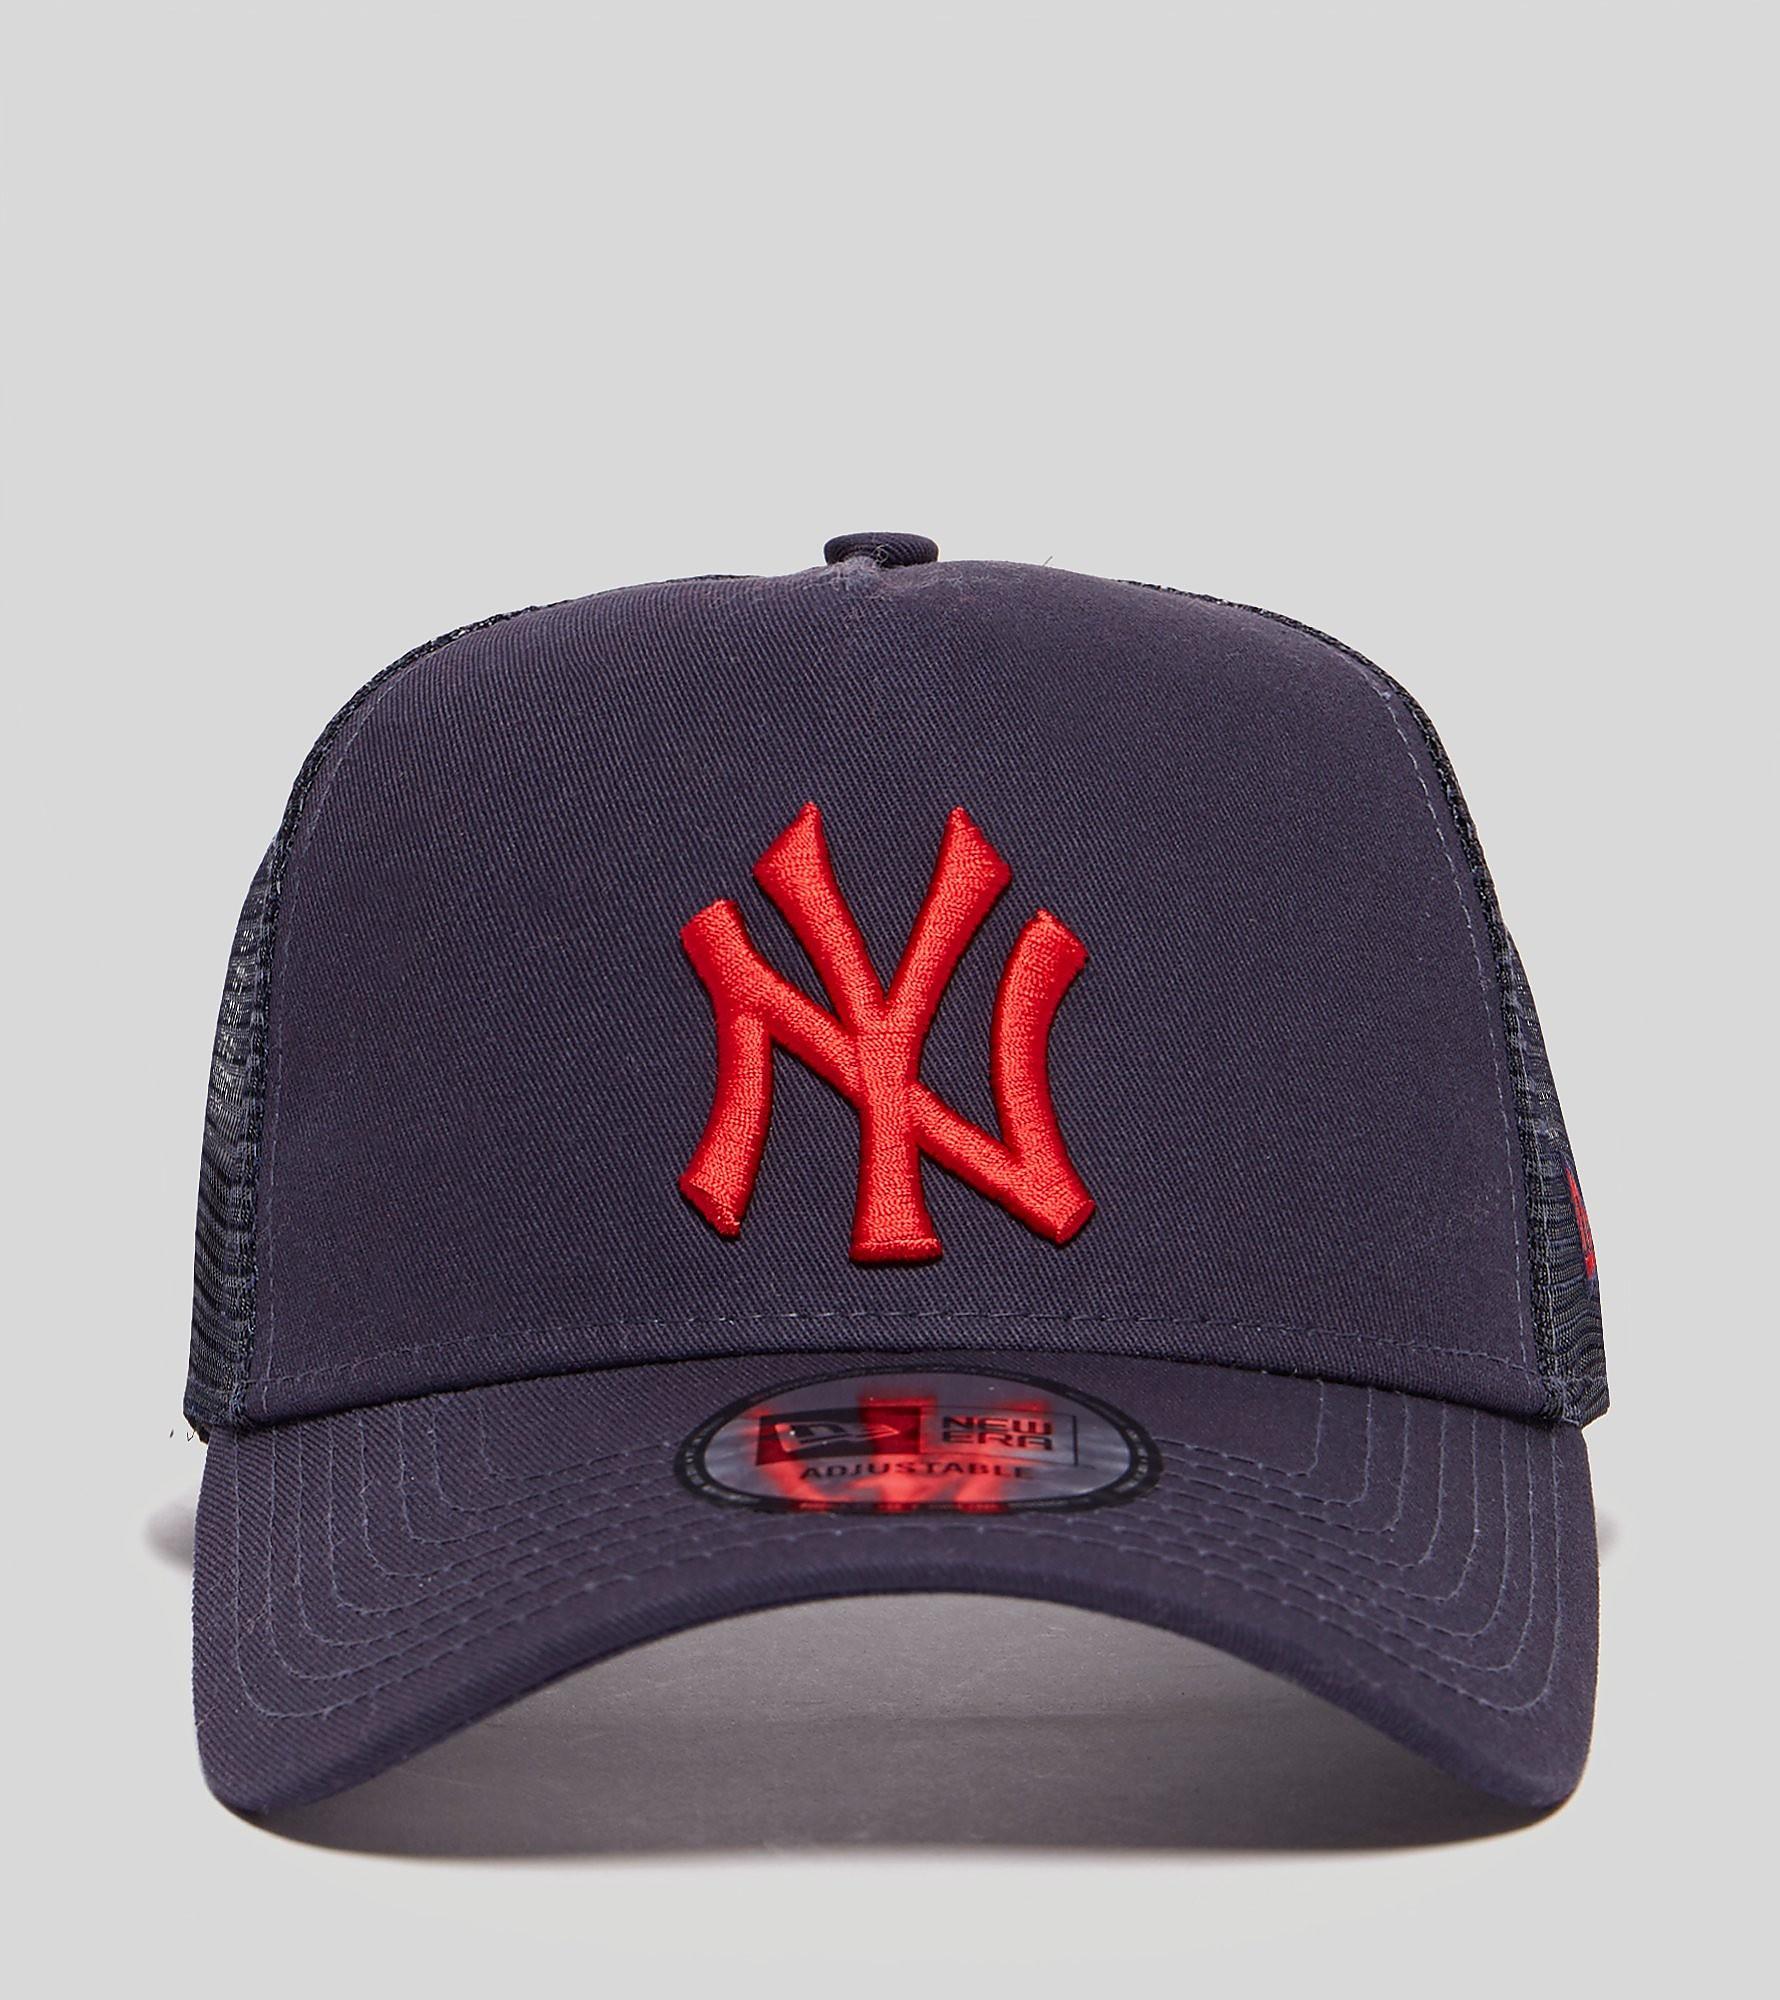 New Era Aframe NY Cap